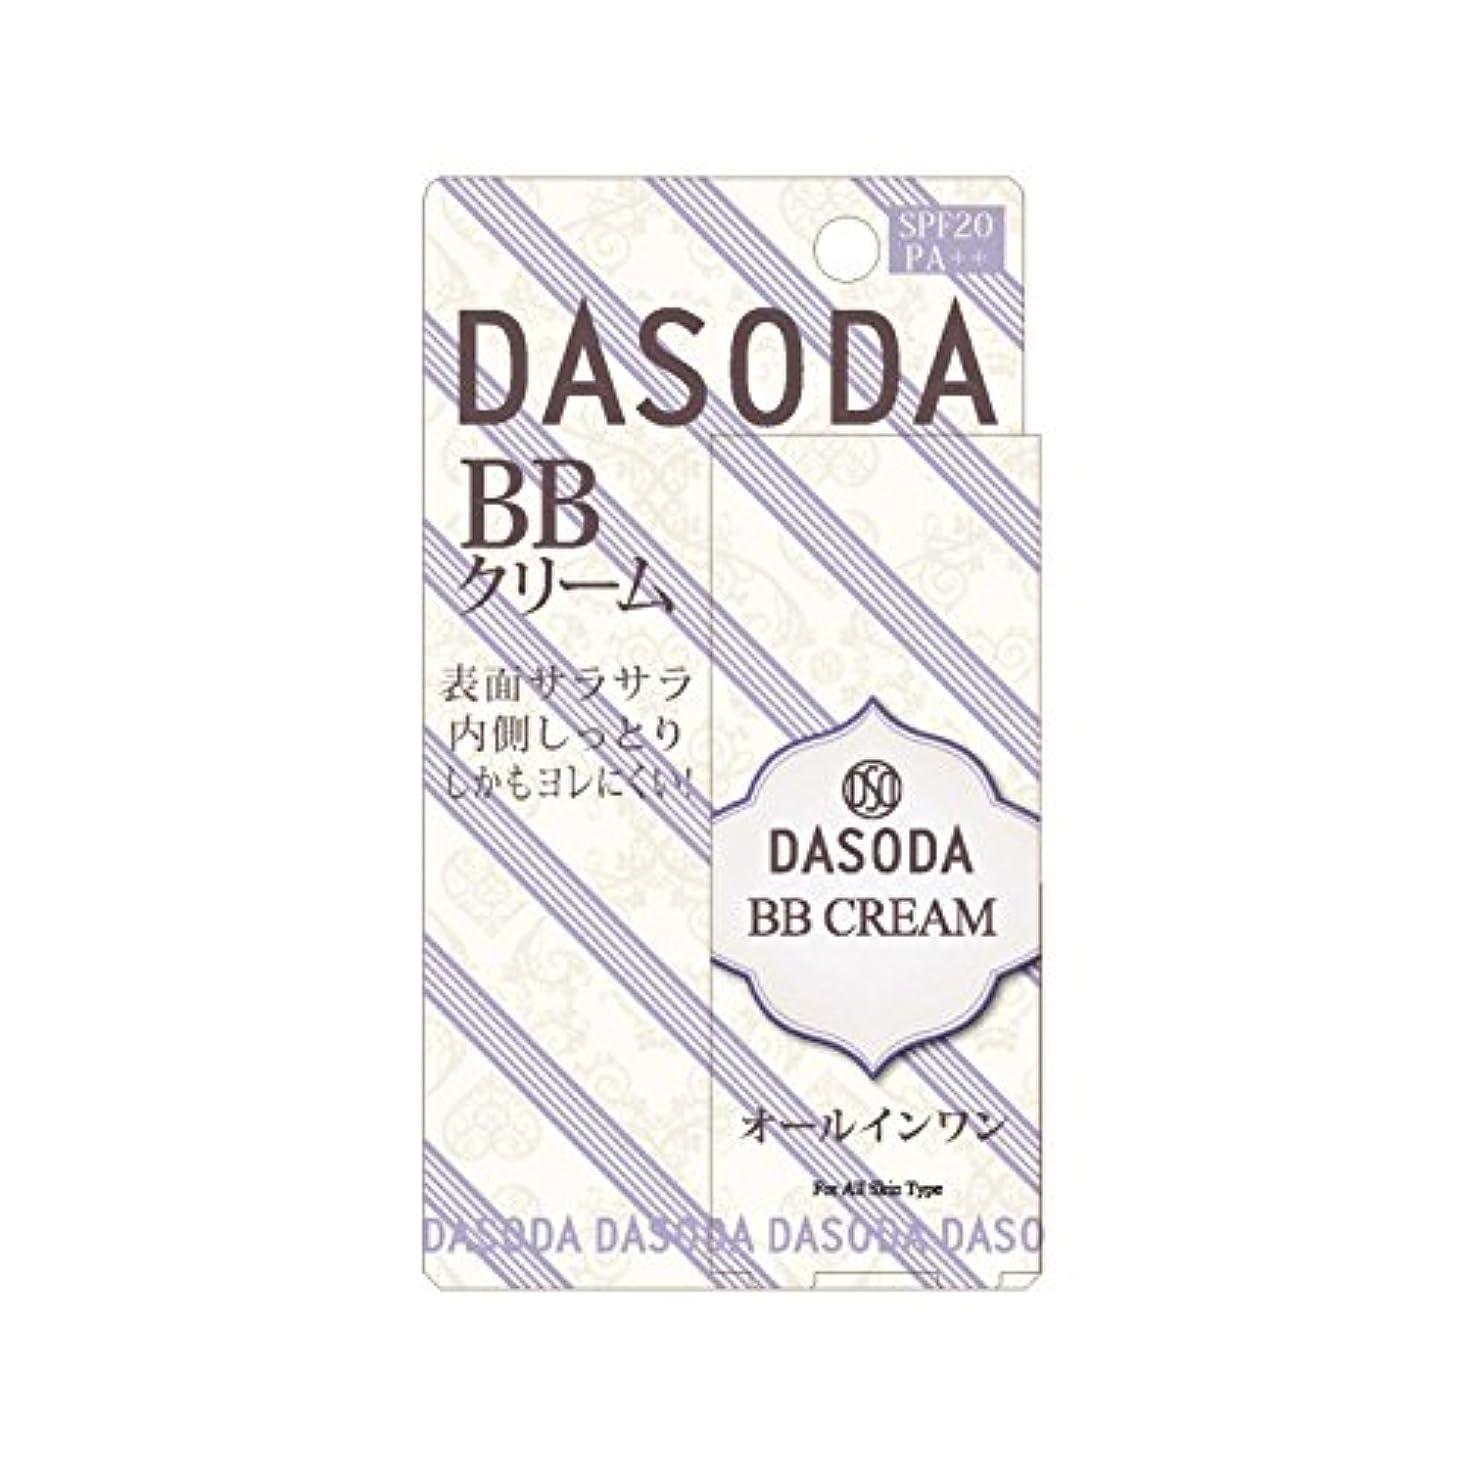 主に成り立つ部屋を掃除するダソダ エフシー BBクリーム 30g